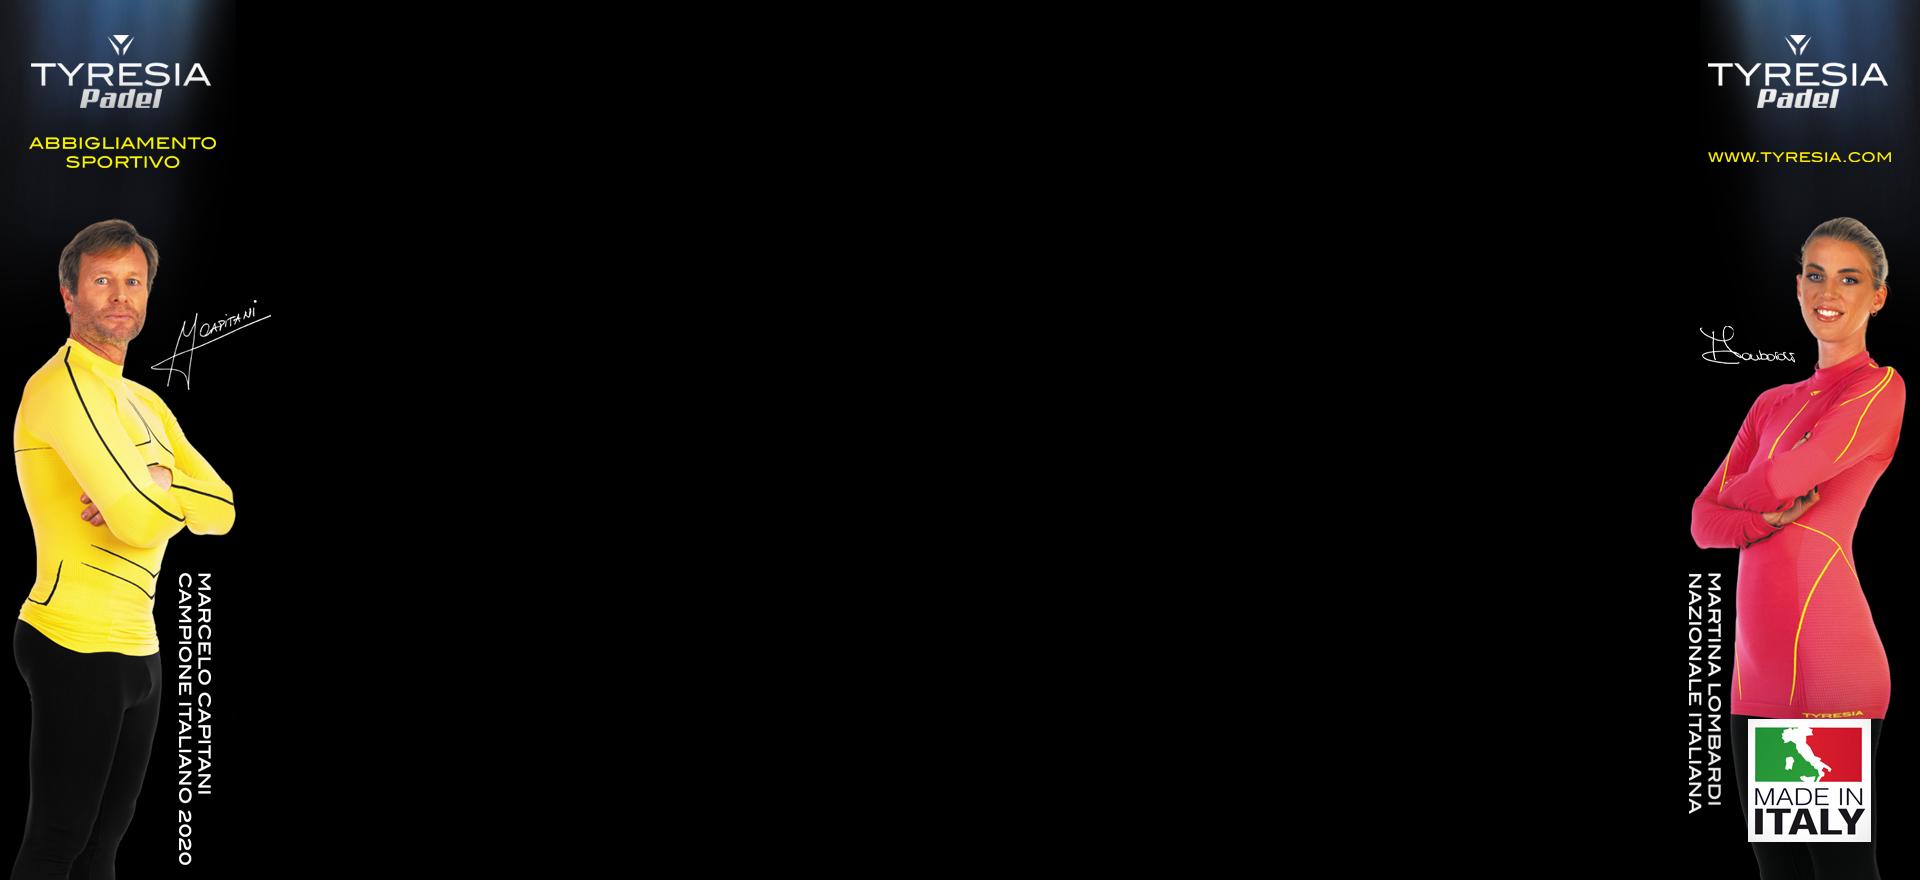 Tyresia Skin